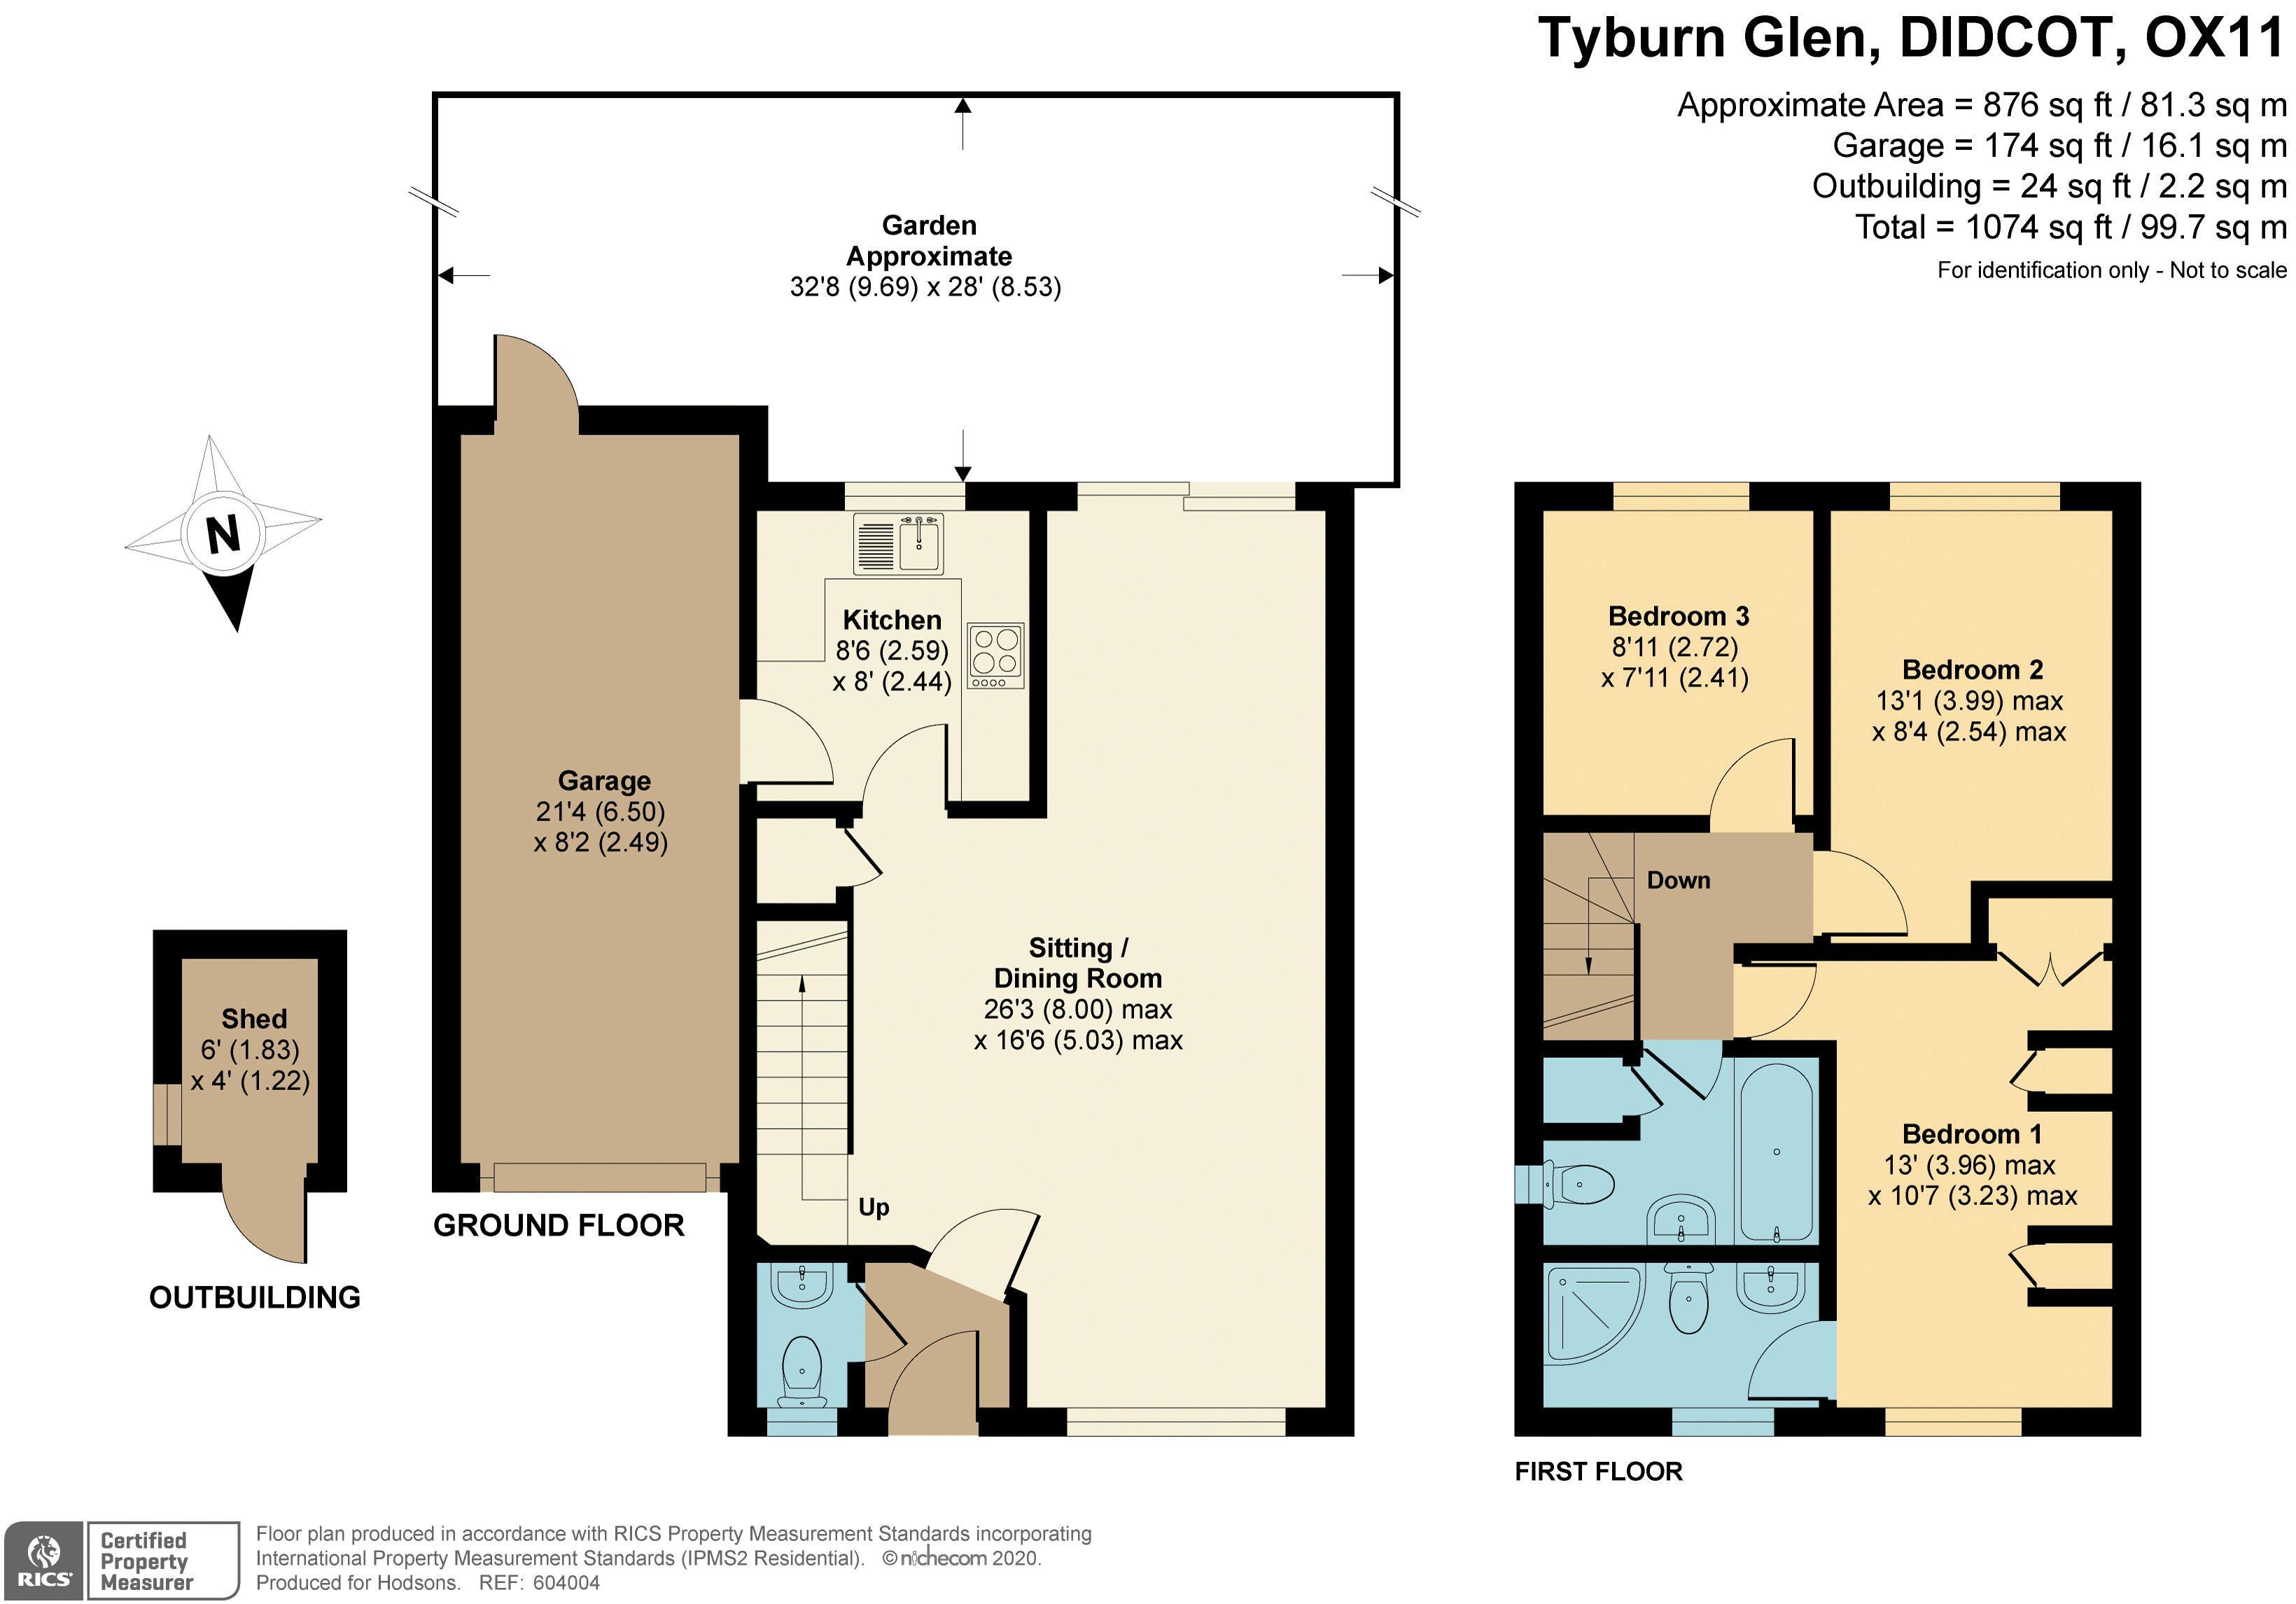 Tyburn Glen